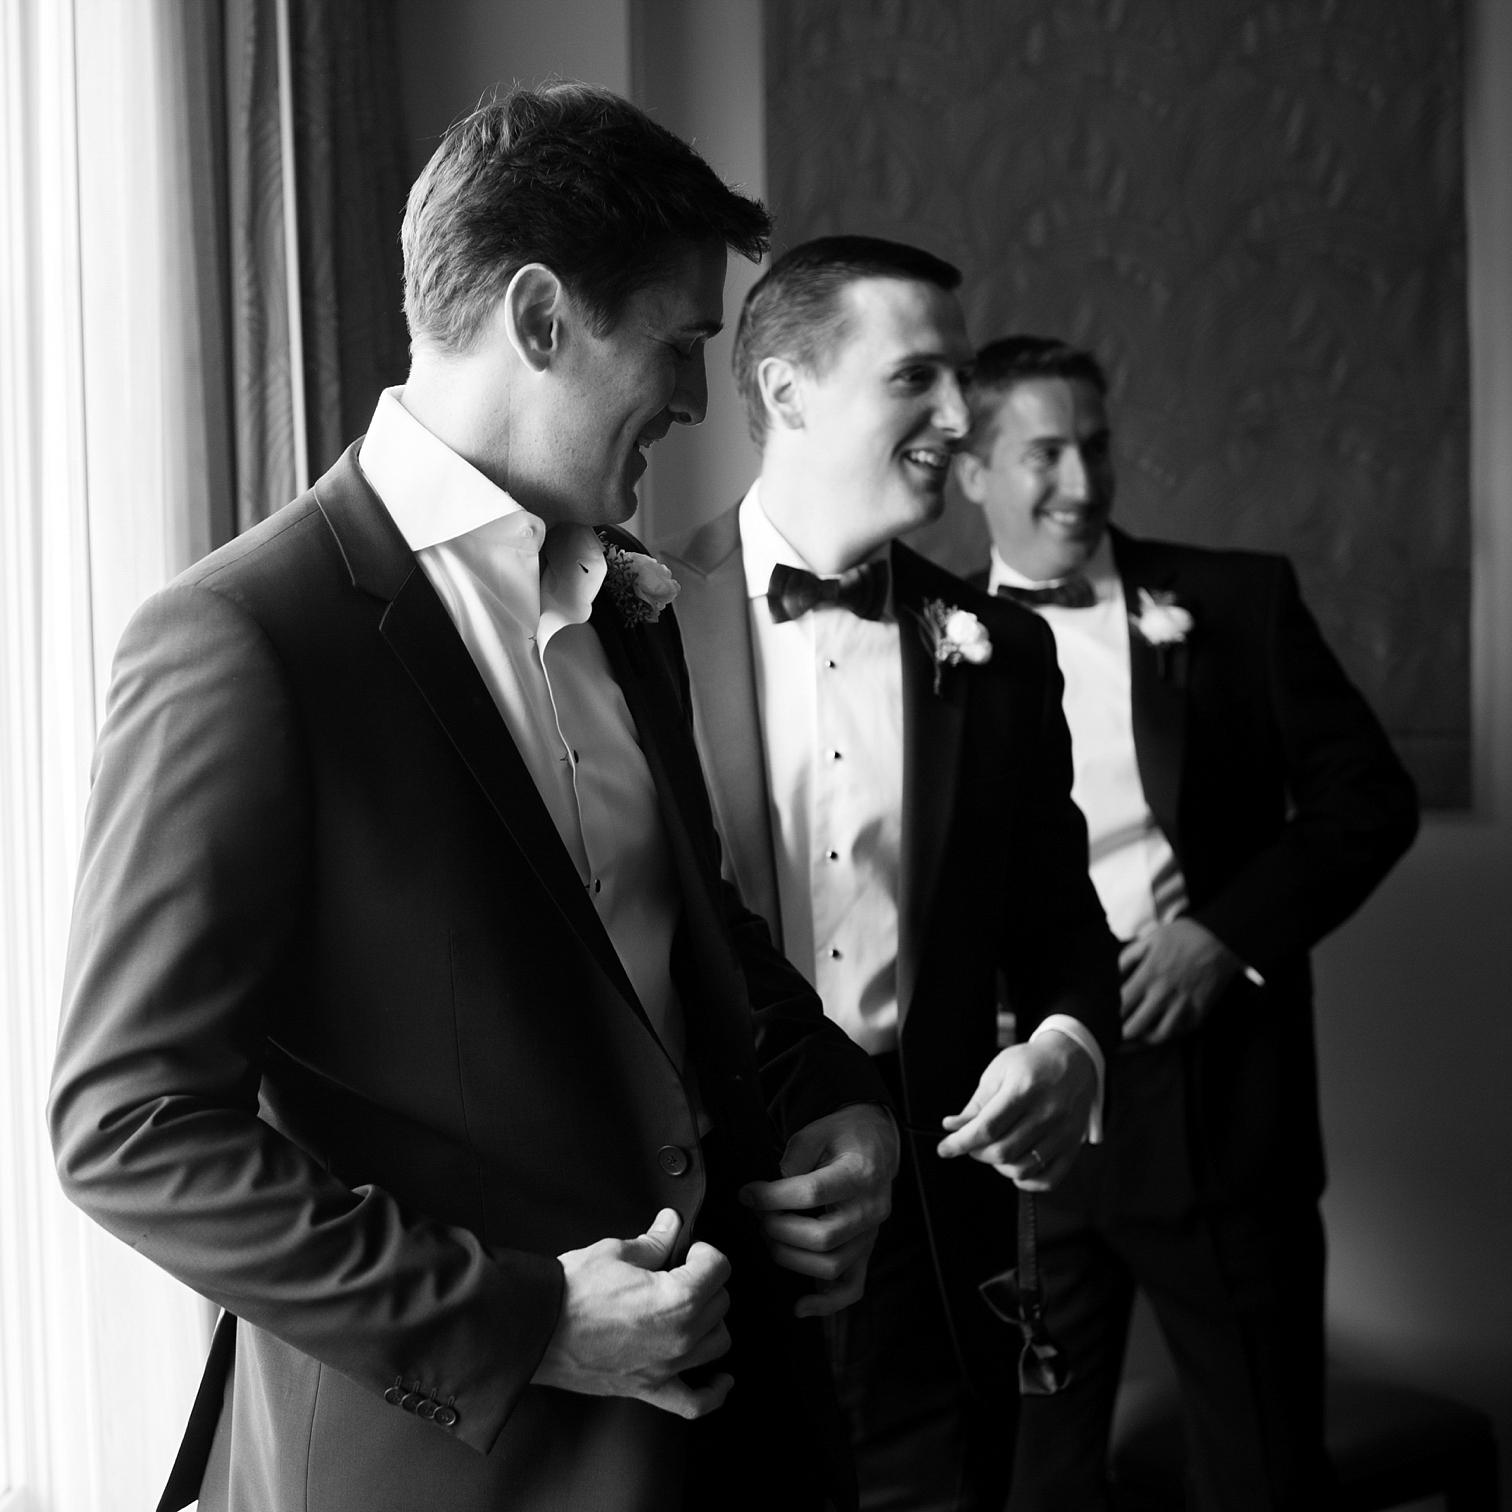 Boulder Weddings, Colorado Wedding Photographers, Denver Wedding Photographers, Film Photographers, Rolleiflex Camera, Colorado Weddings, Danielle DeFiore Photography, Denver Weddings, Boulder County Club Weddings, Classic Weddings In Colorado, Black Tie Weddings, Country Club Weddings, Church Weddings In Colorado, Best Wedding Photographers In Colorado, Groomsmen